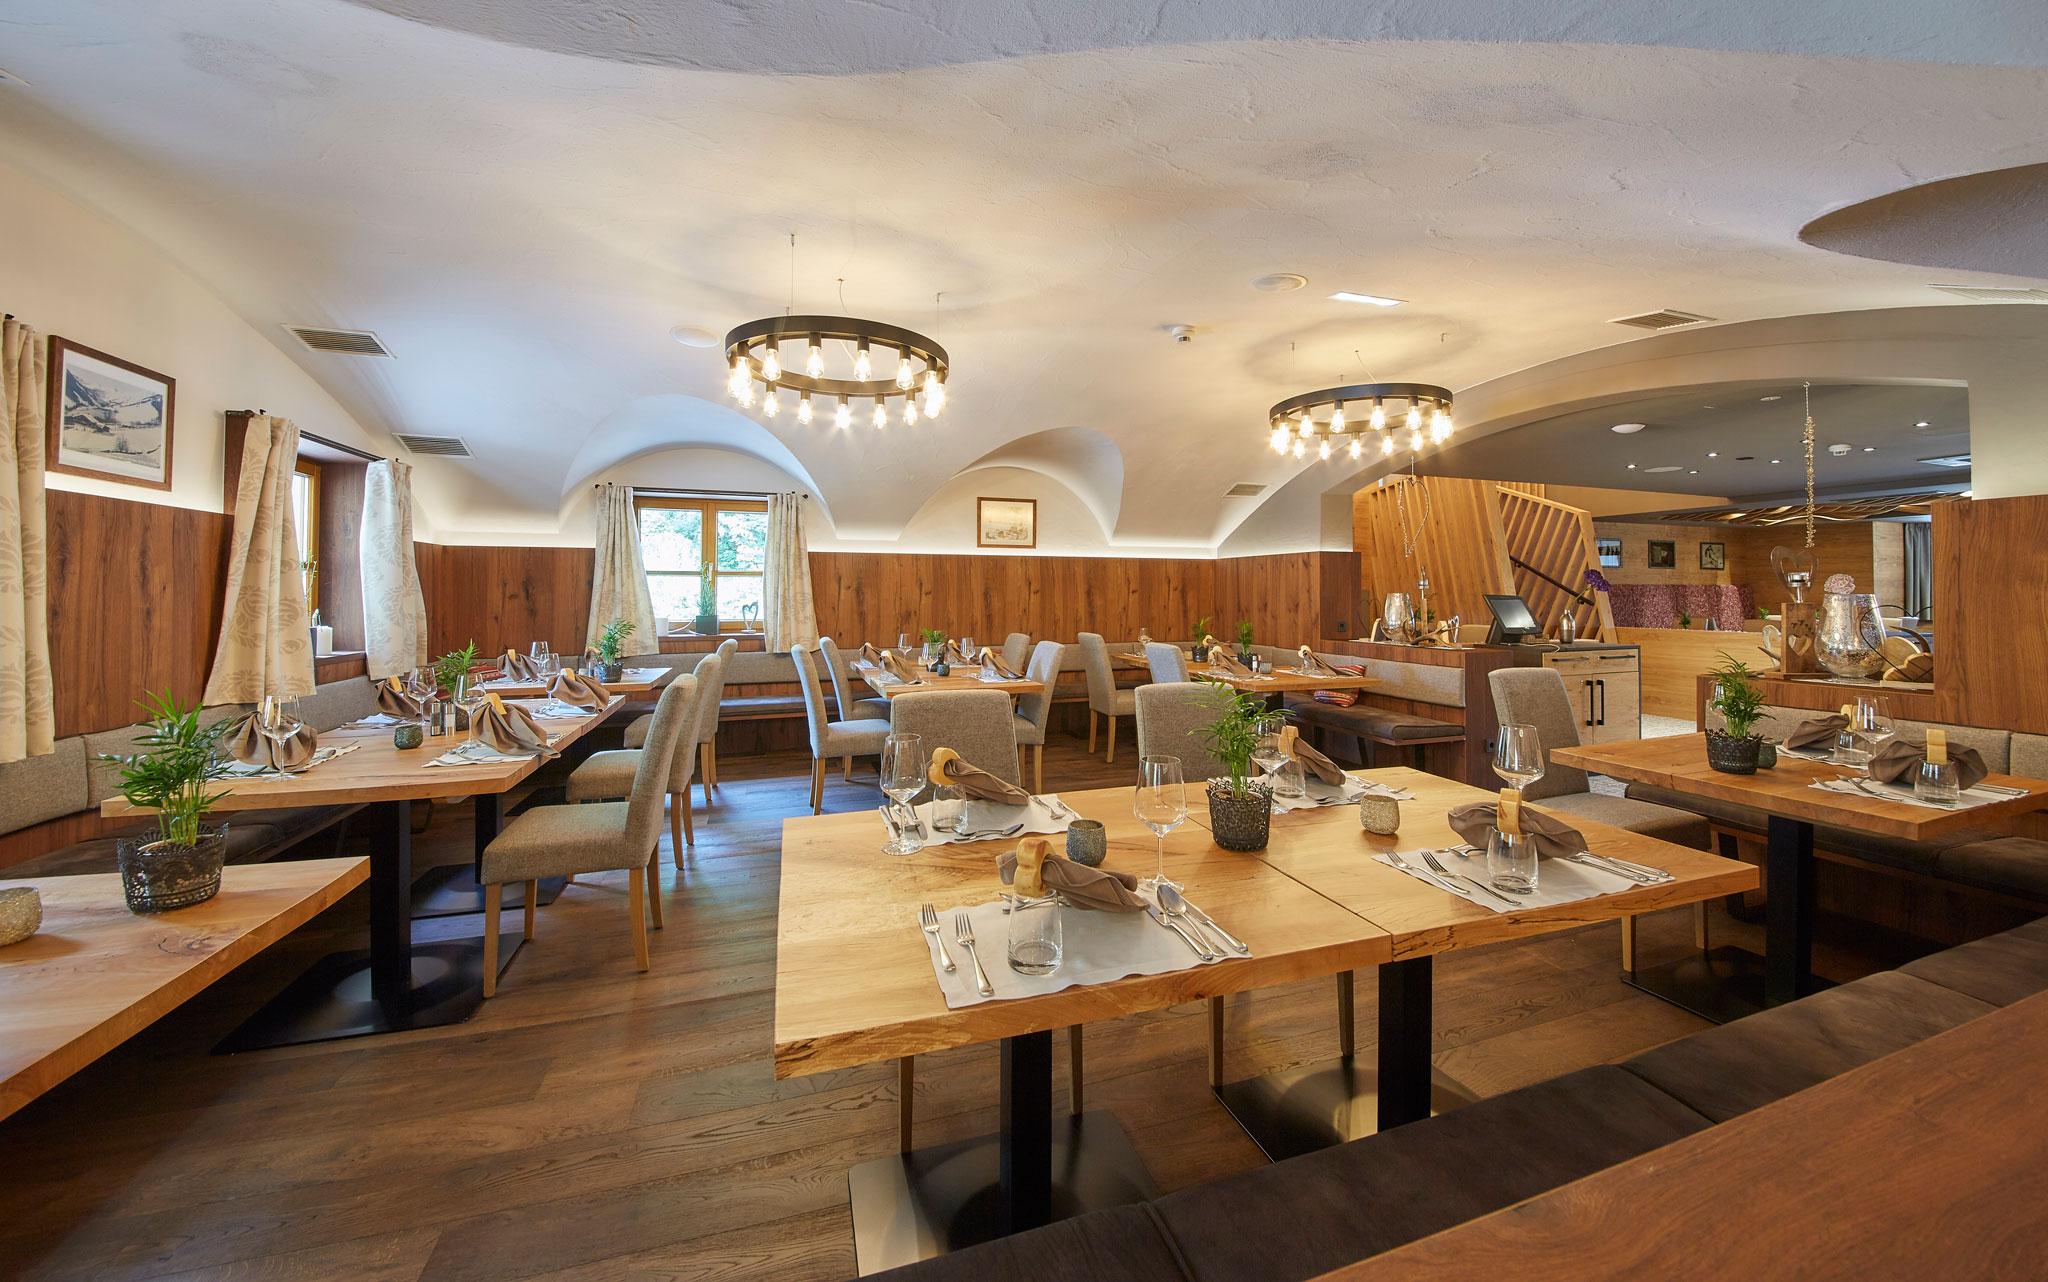 Speisesaal mit großen runden Deckenleuchten und einigen gedeckten Tischen mit Dekoration